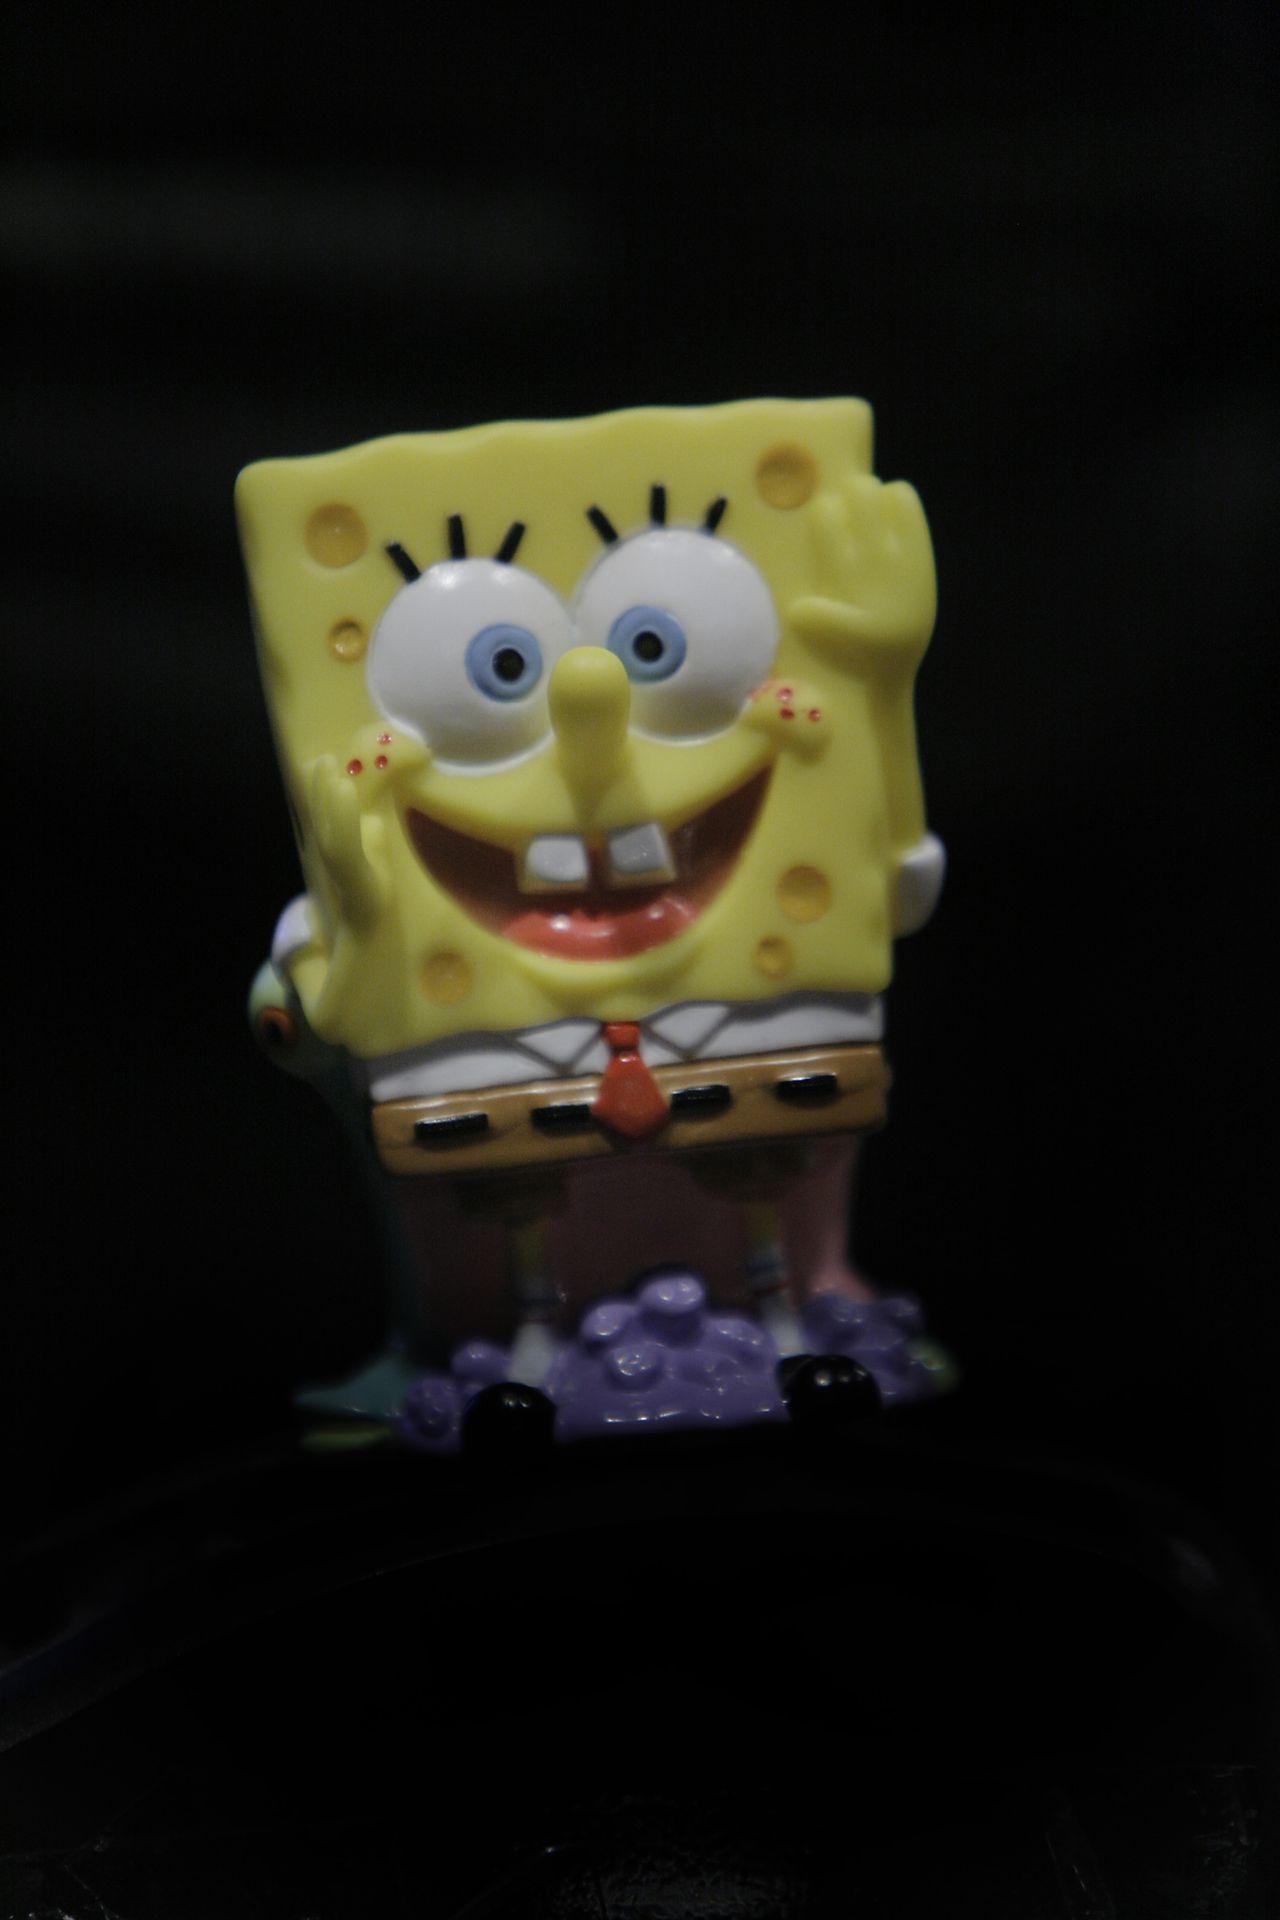 SpongeBob Squarepants foto Rien Zilvold utrecht 01-10-2006 spongebob foto rien zilvold